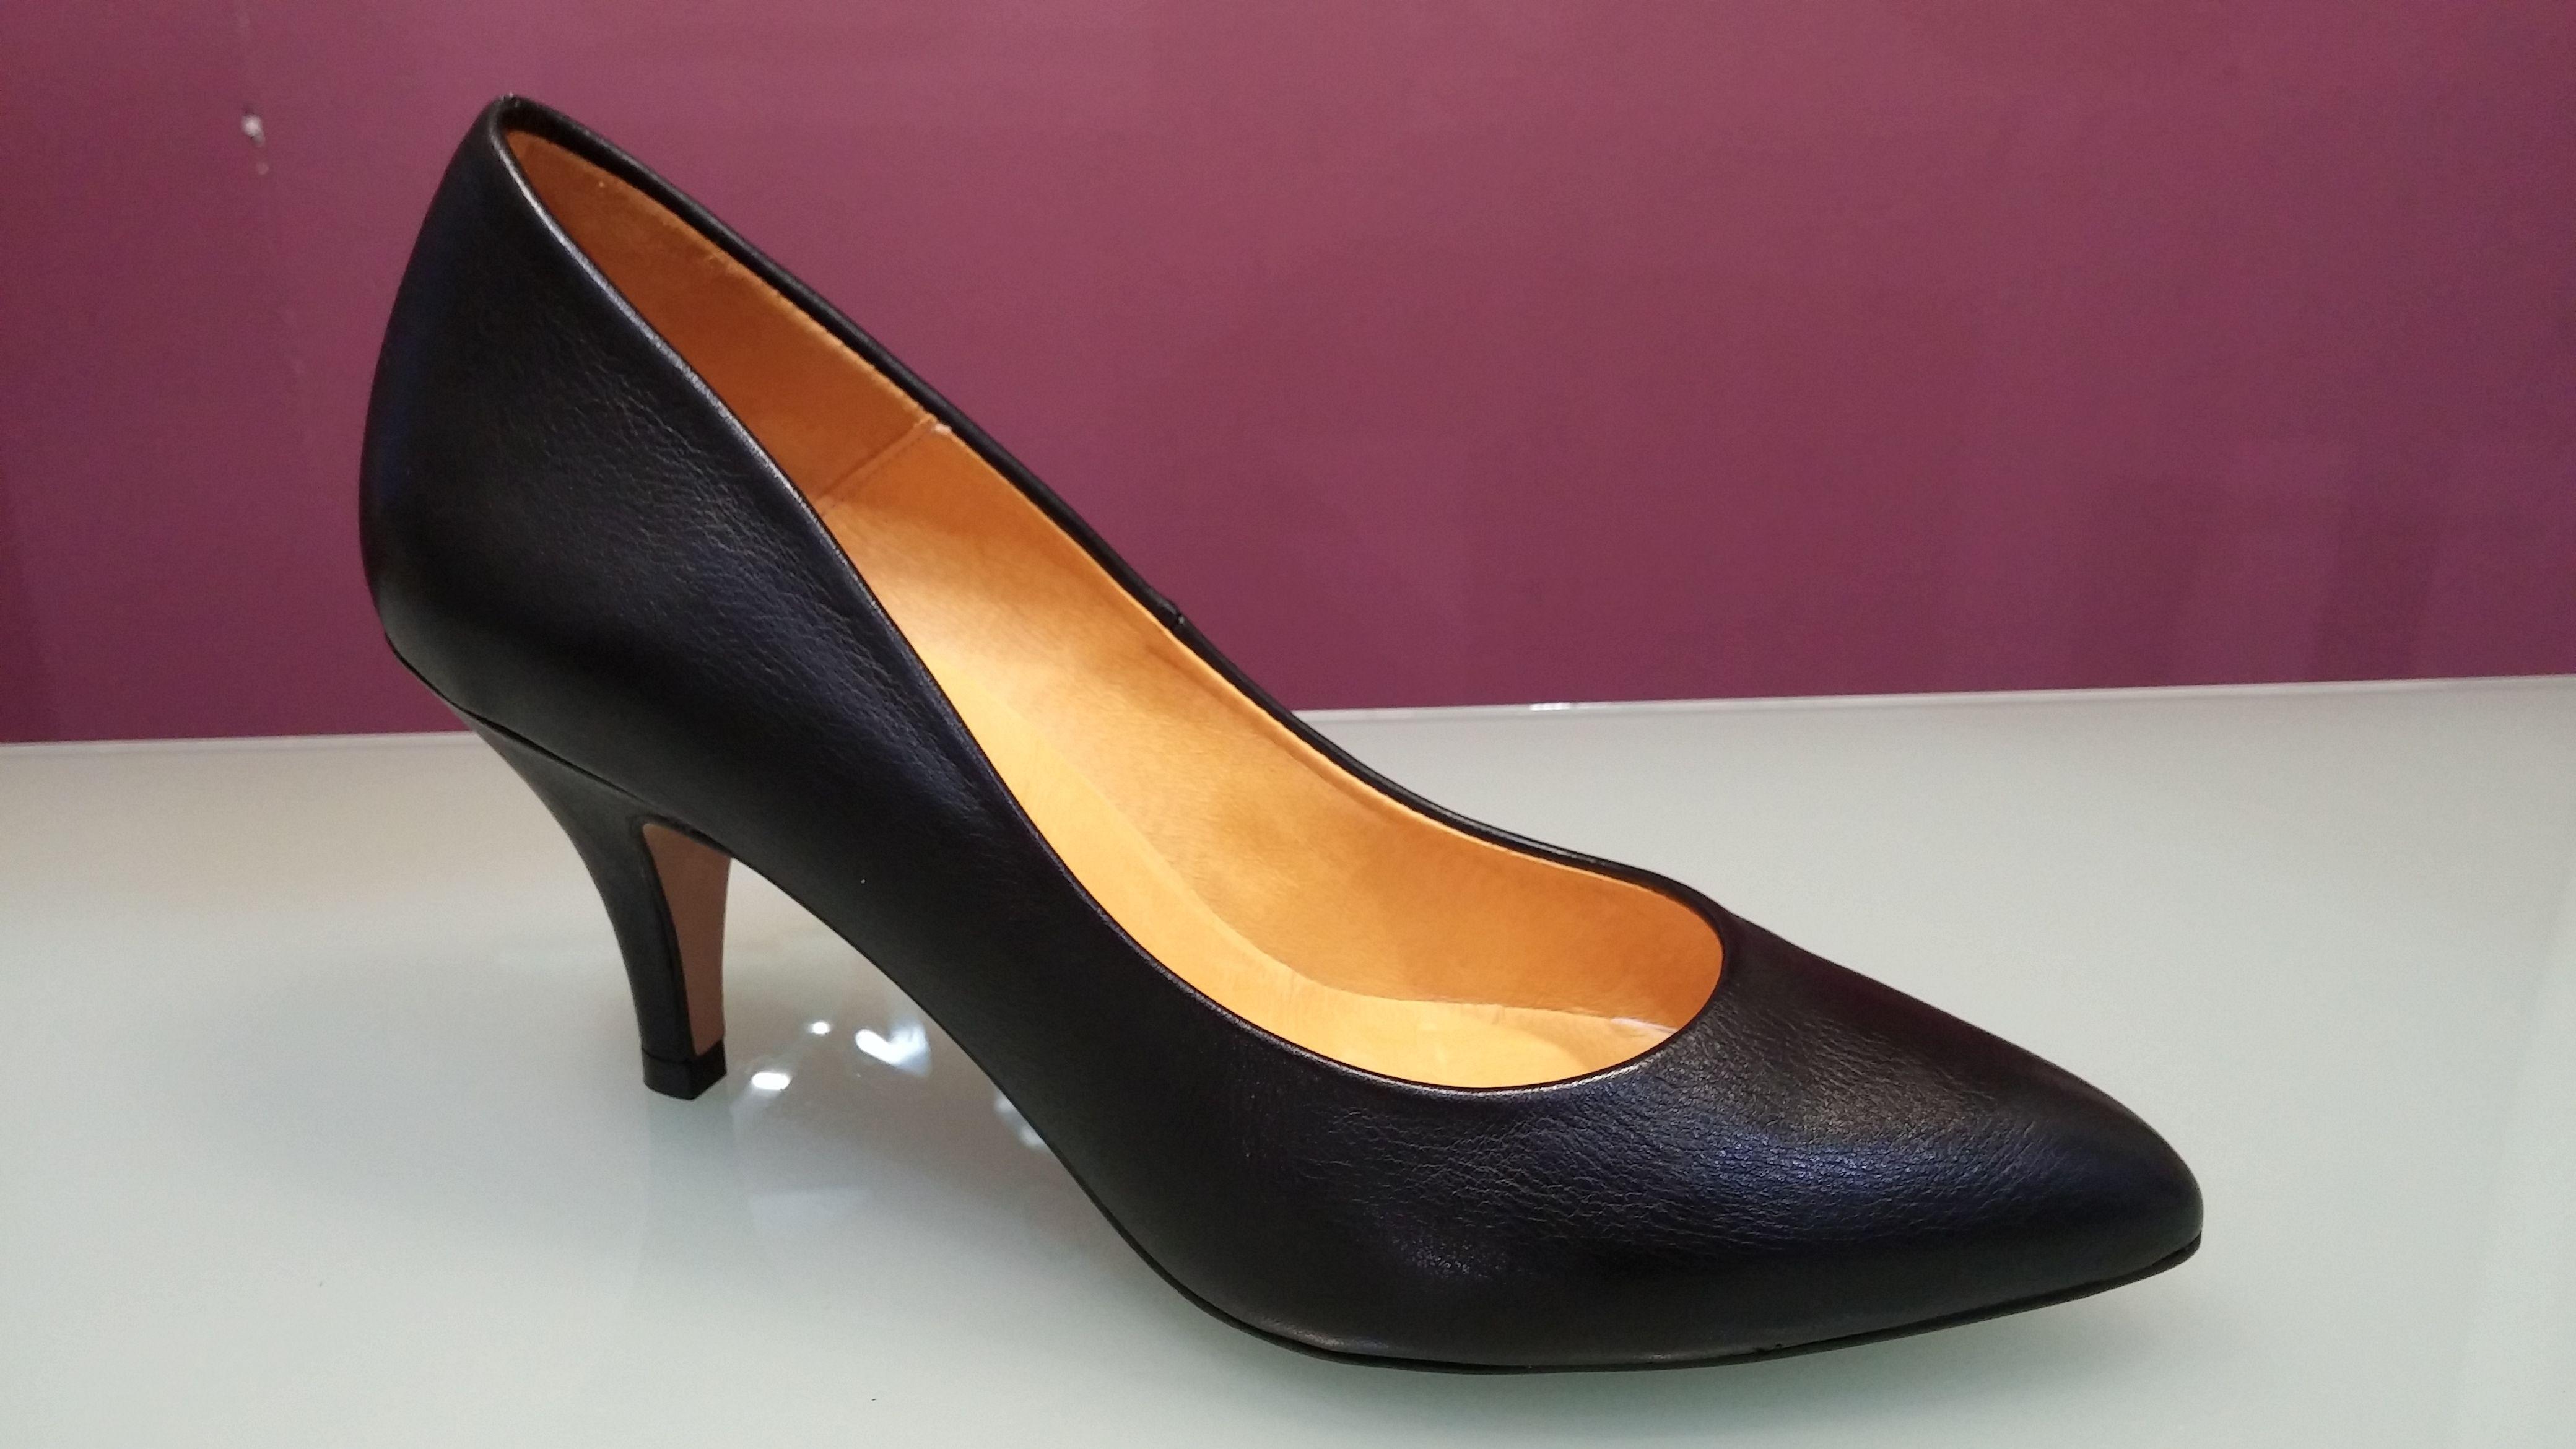 bajo De Colección Zapatos punta tacón Zapatos Salón con de negro fina Negros Tacon pSxPEq